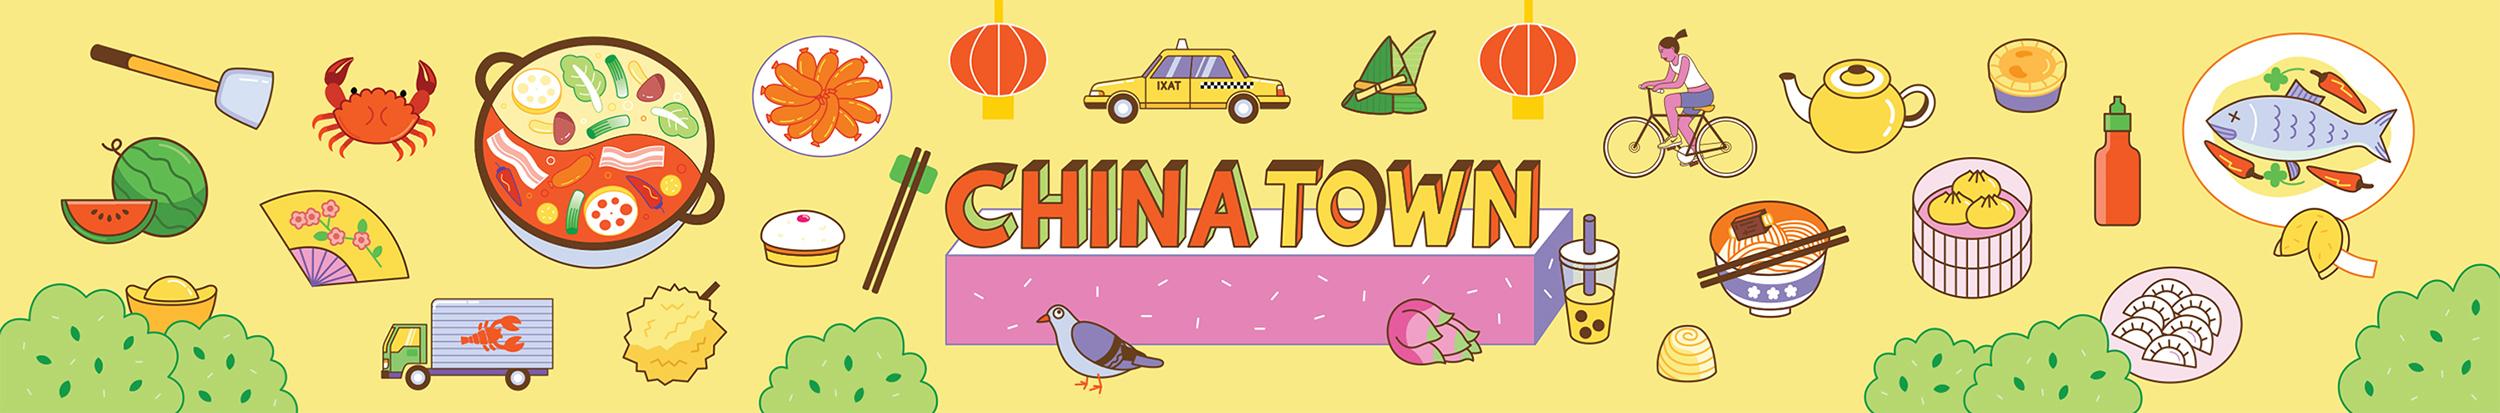 Chinatown_Website_D_01.jpg